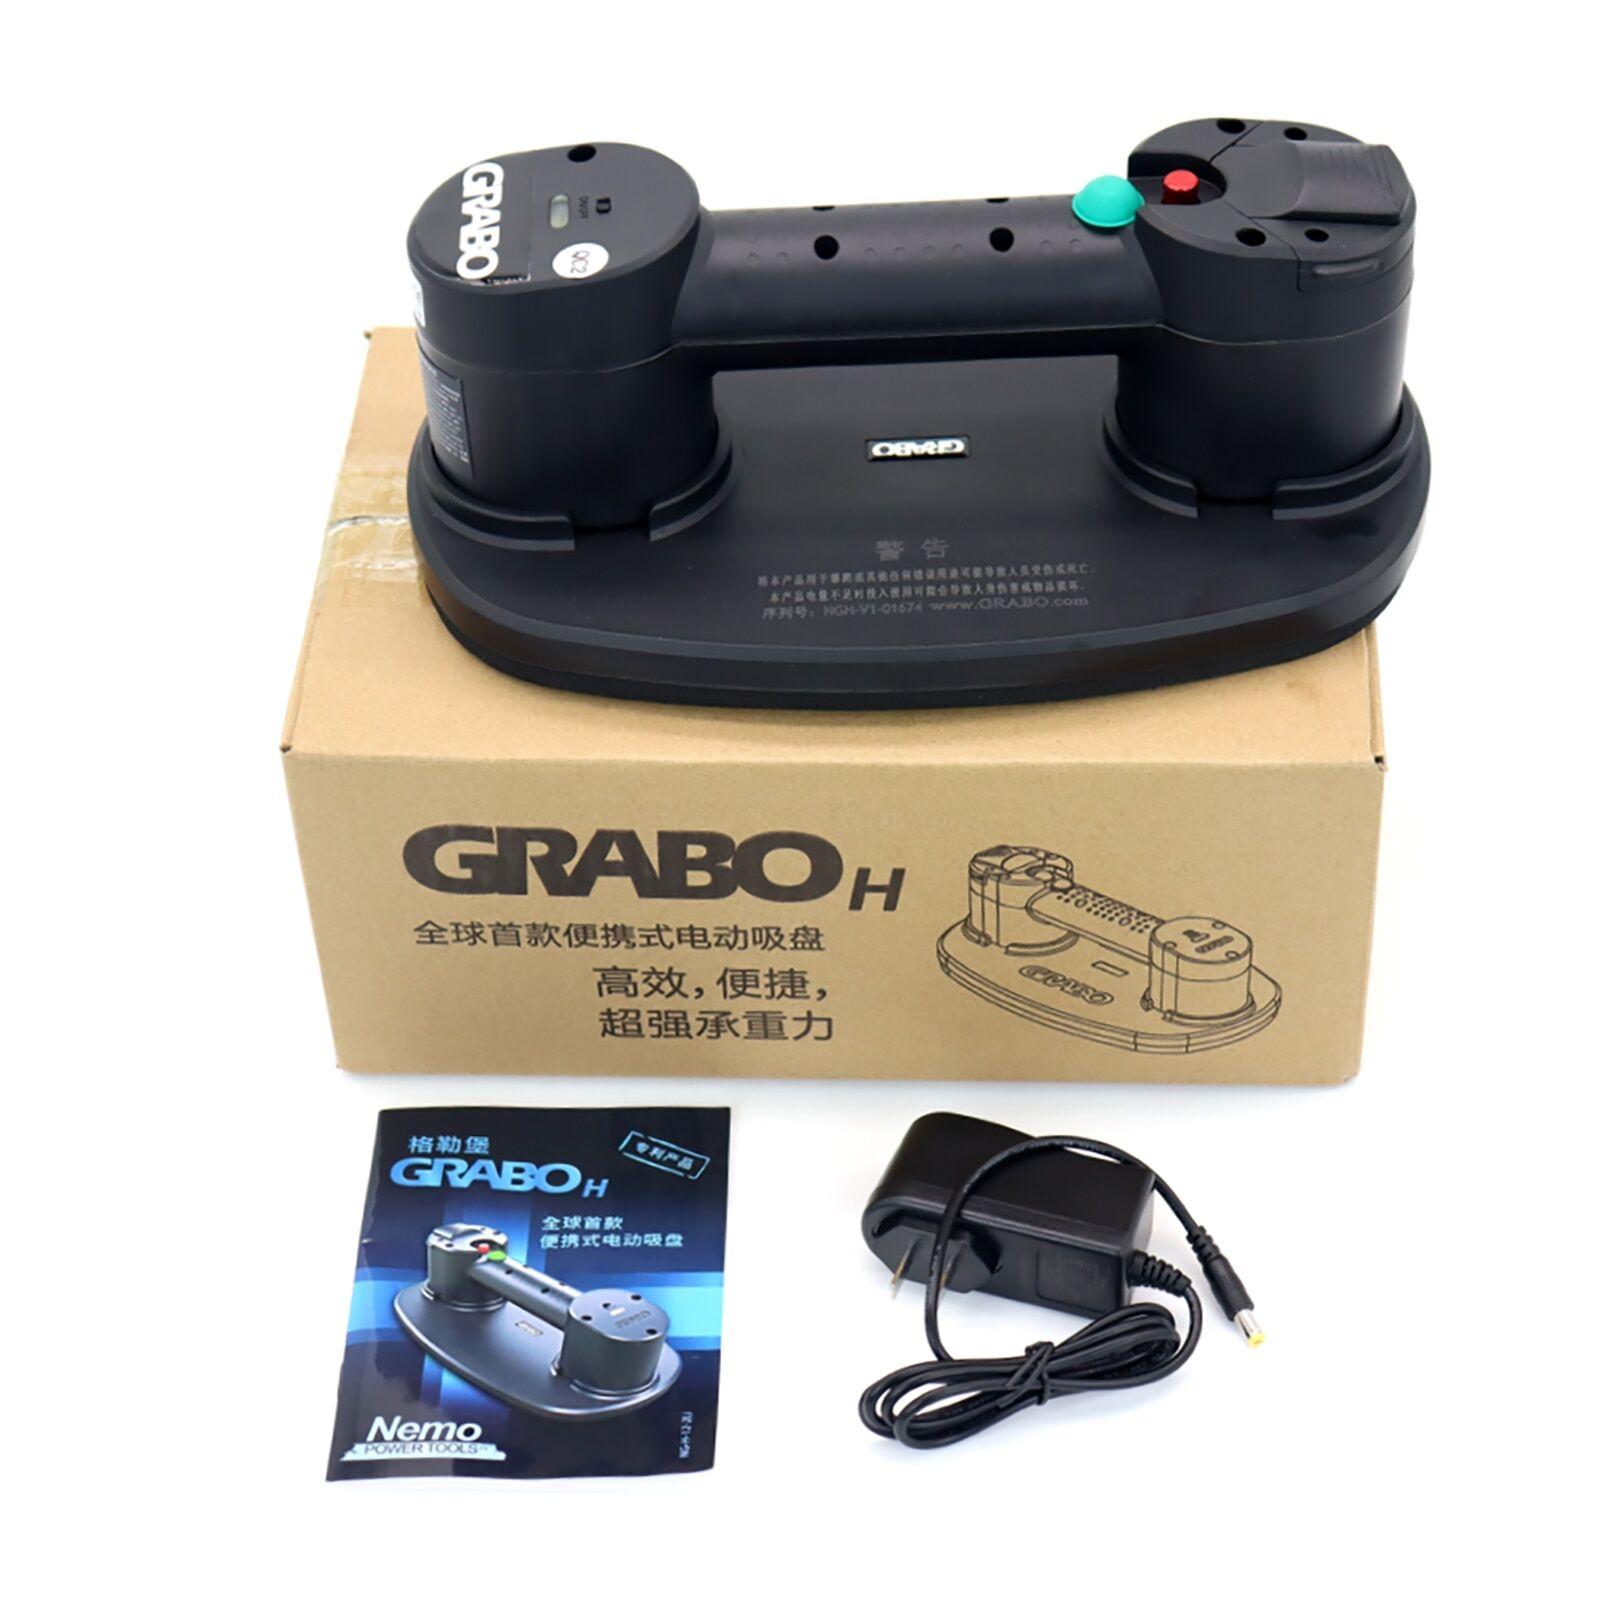 AliExpress Grabo – ventouse à vide électrique, Version H, pour carrelage, bois, pierre, granit, verre, outil de